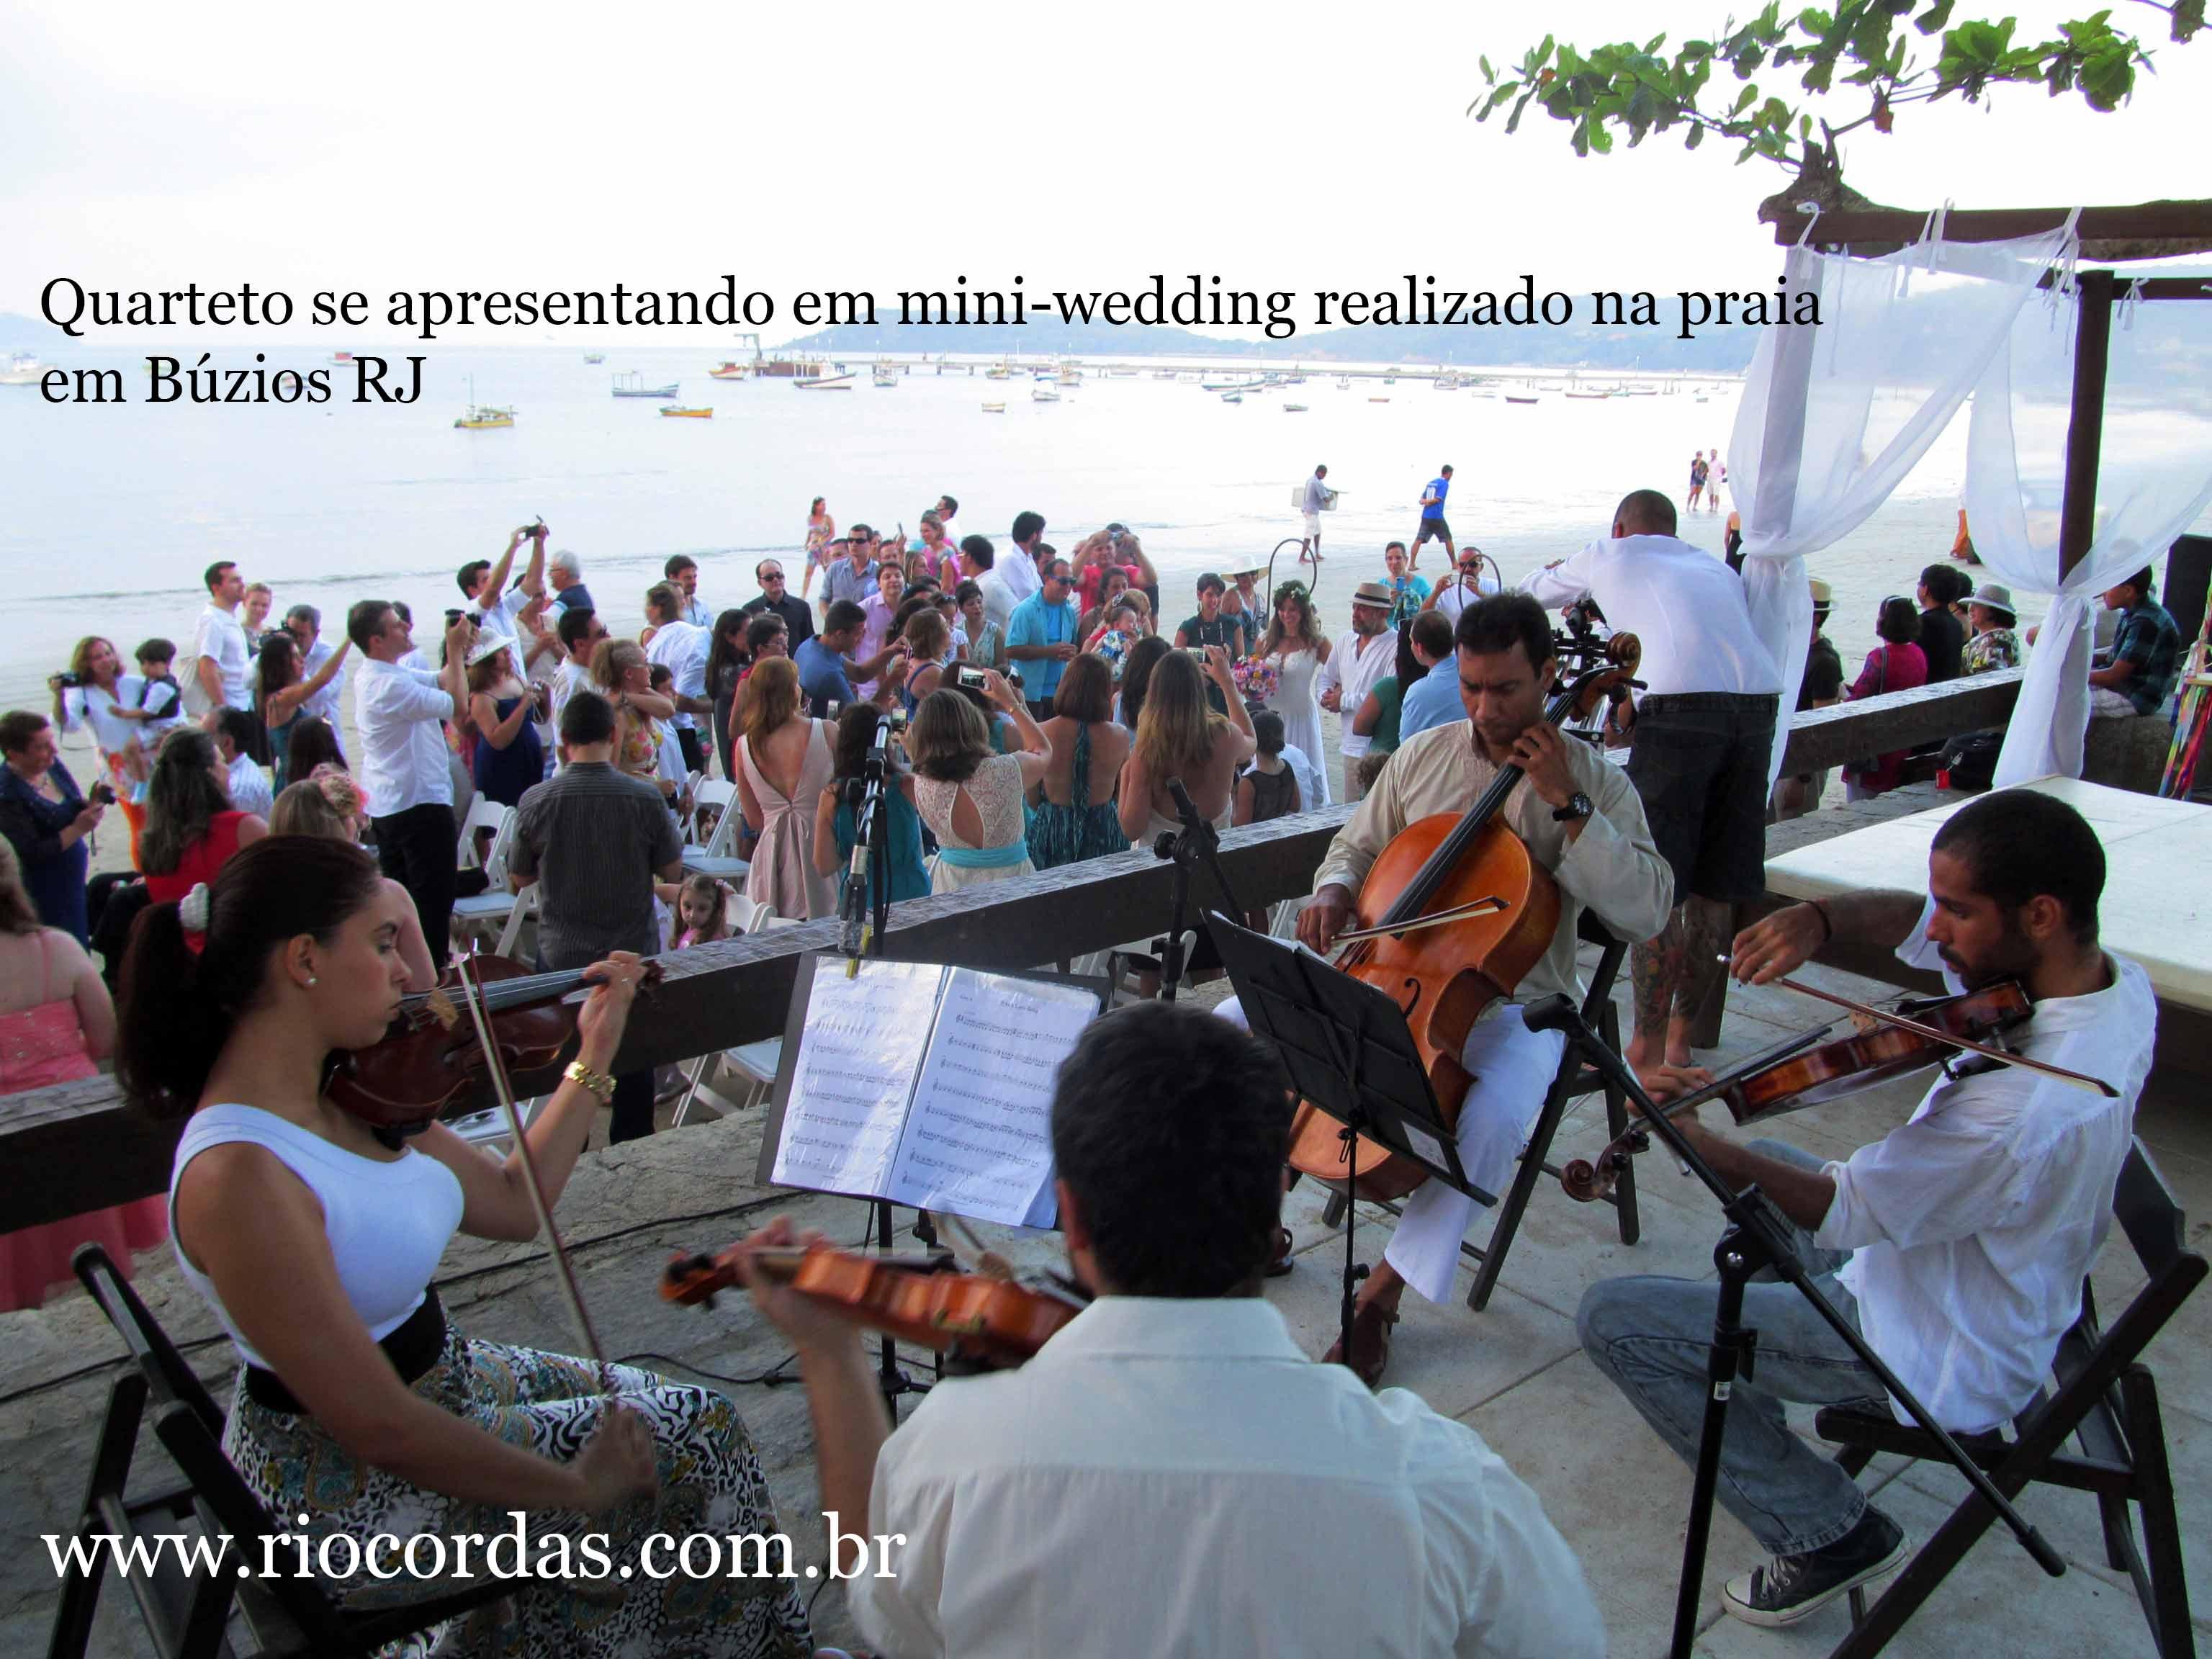 Quarteto de cordas em casamento na praia, na cidade de Búzios -RJ